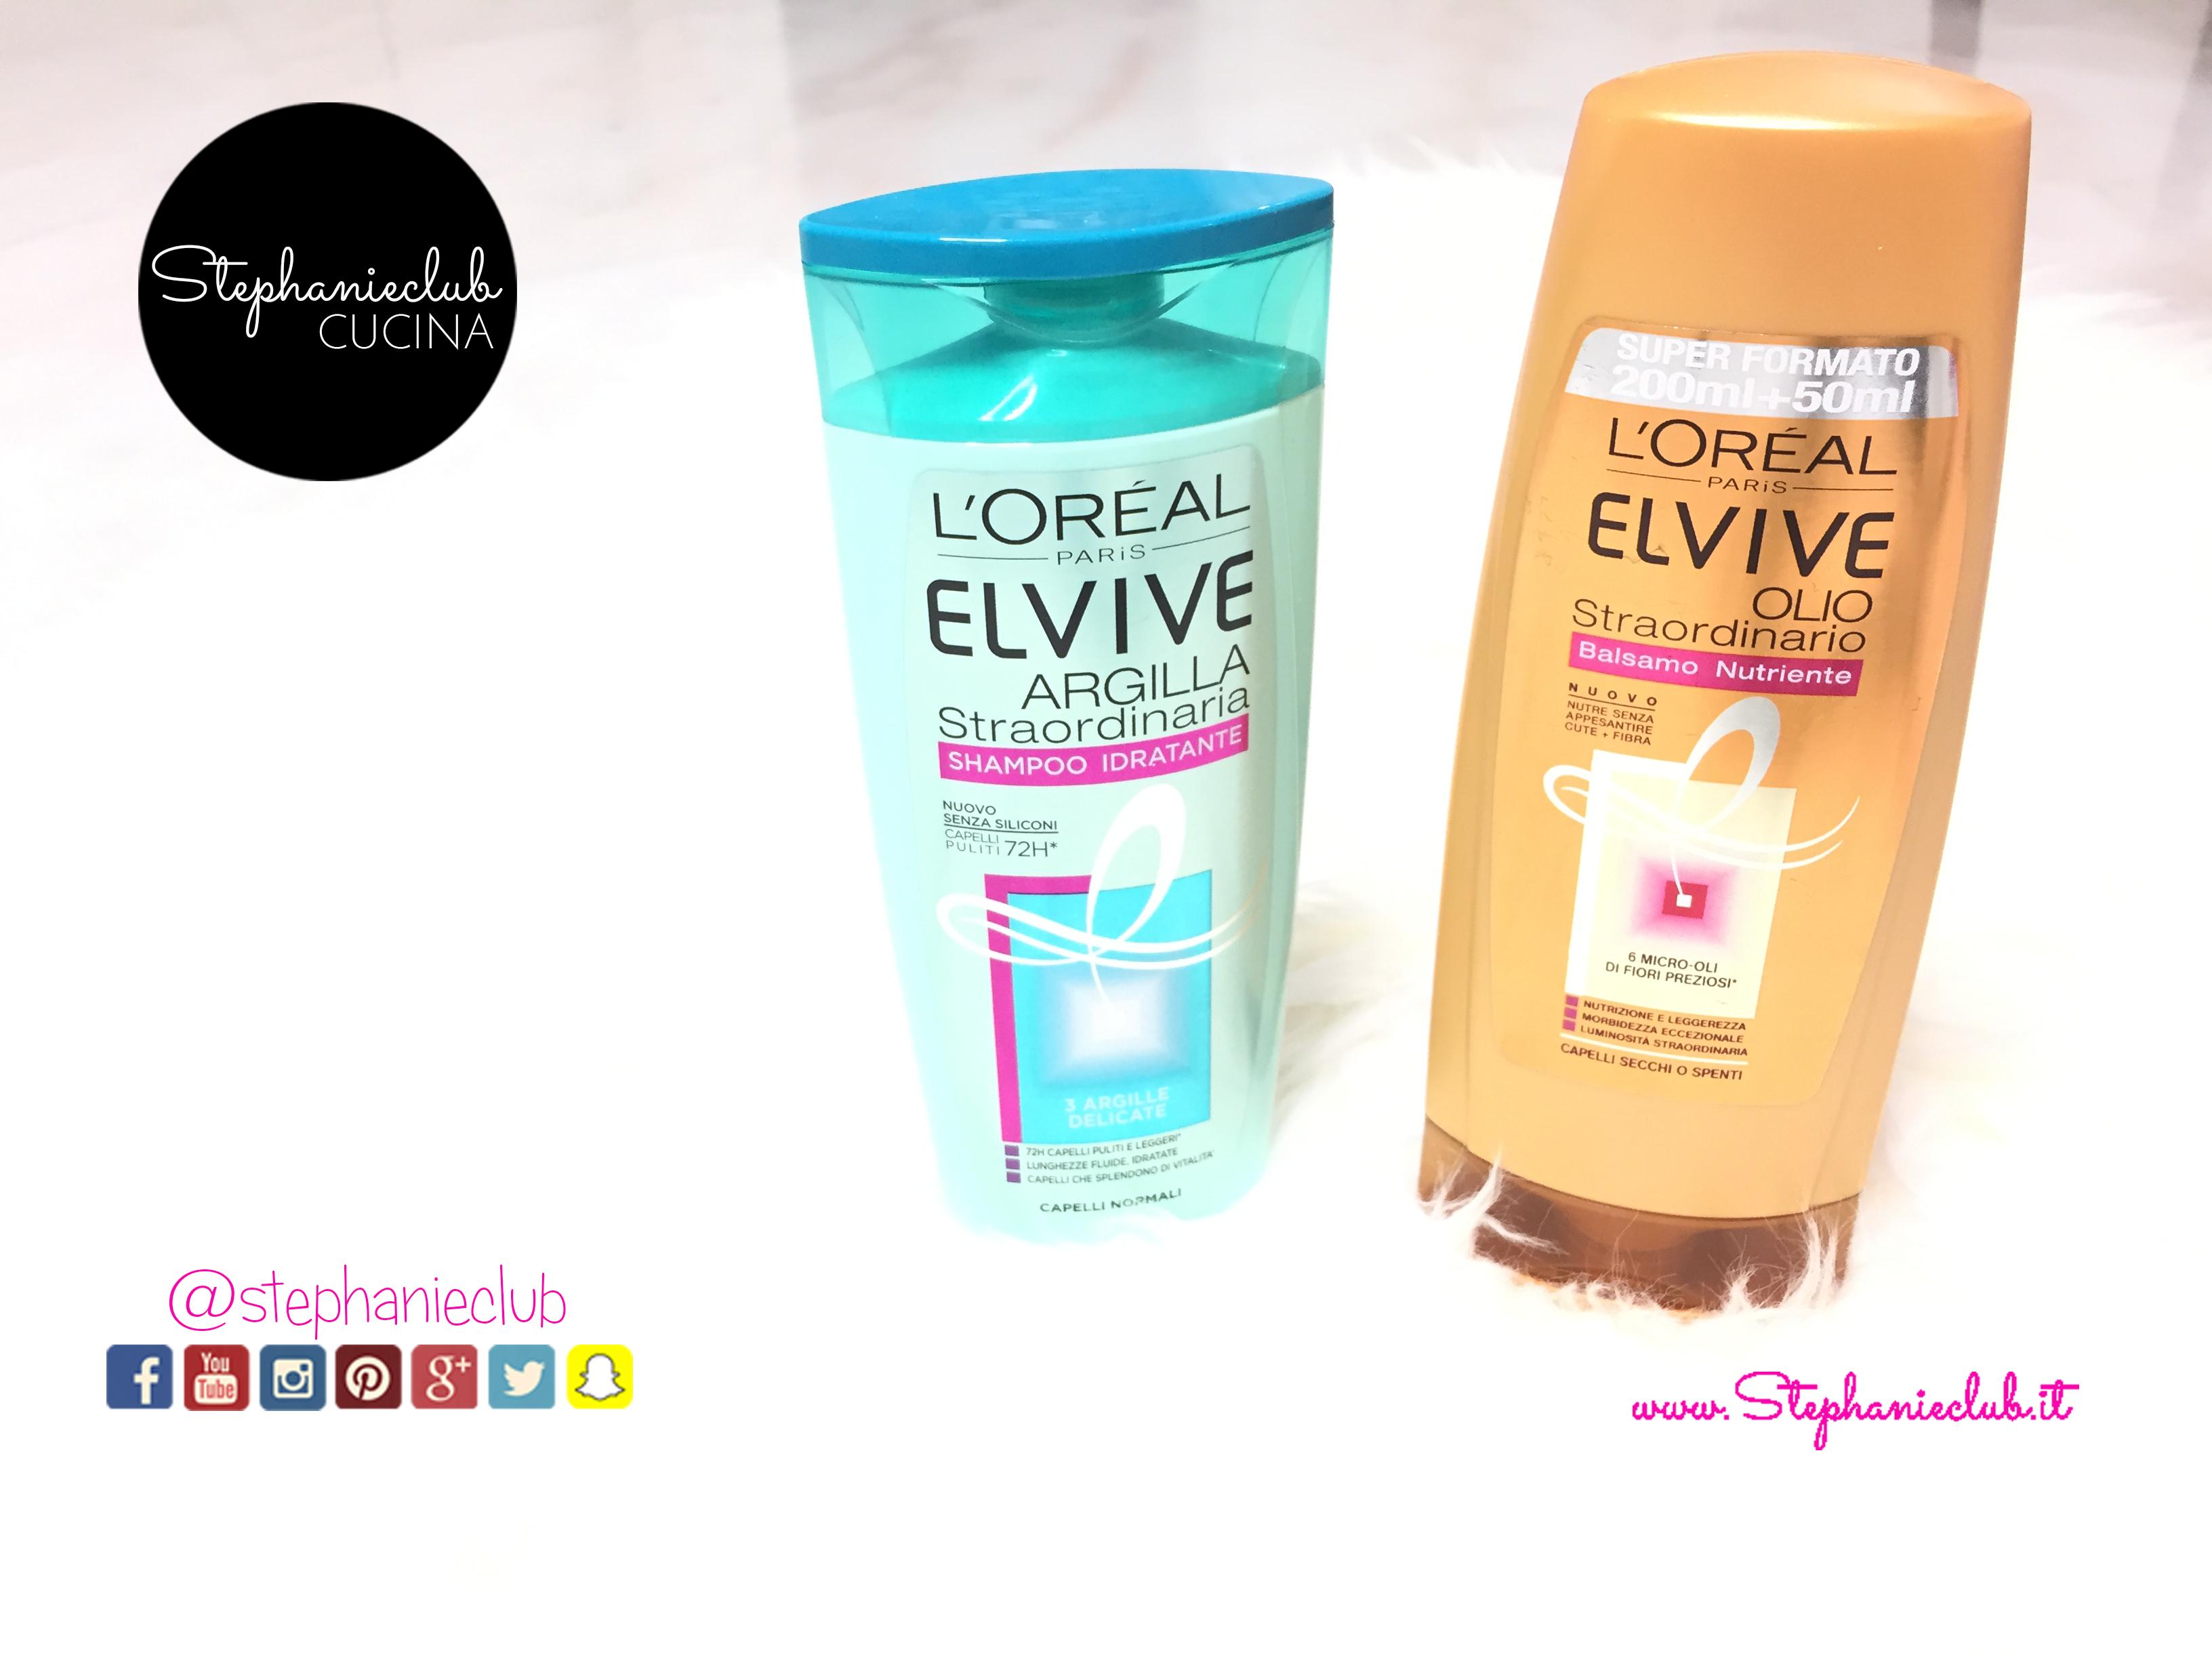 Recensione L'Oreal Elvive shampoo Argilla Straordinaria e balsamo Olio Straordinario_02